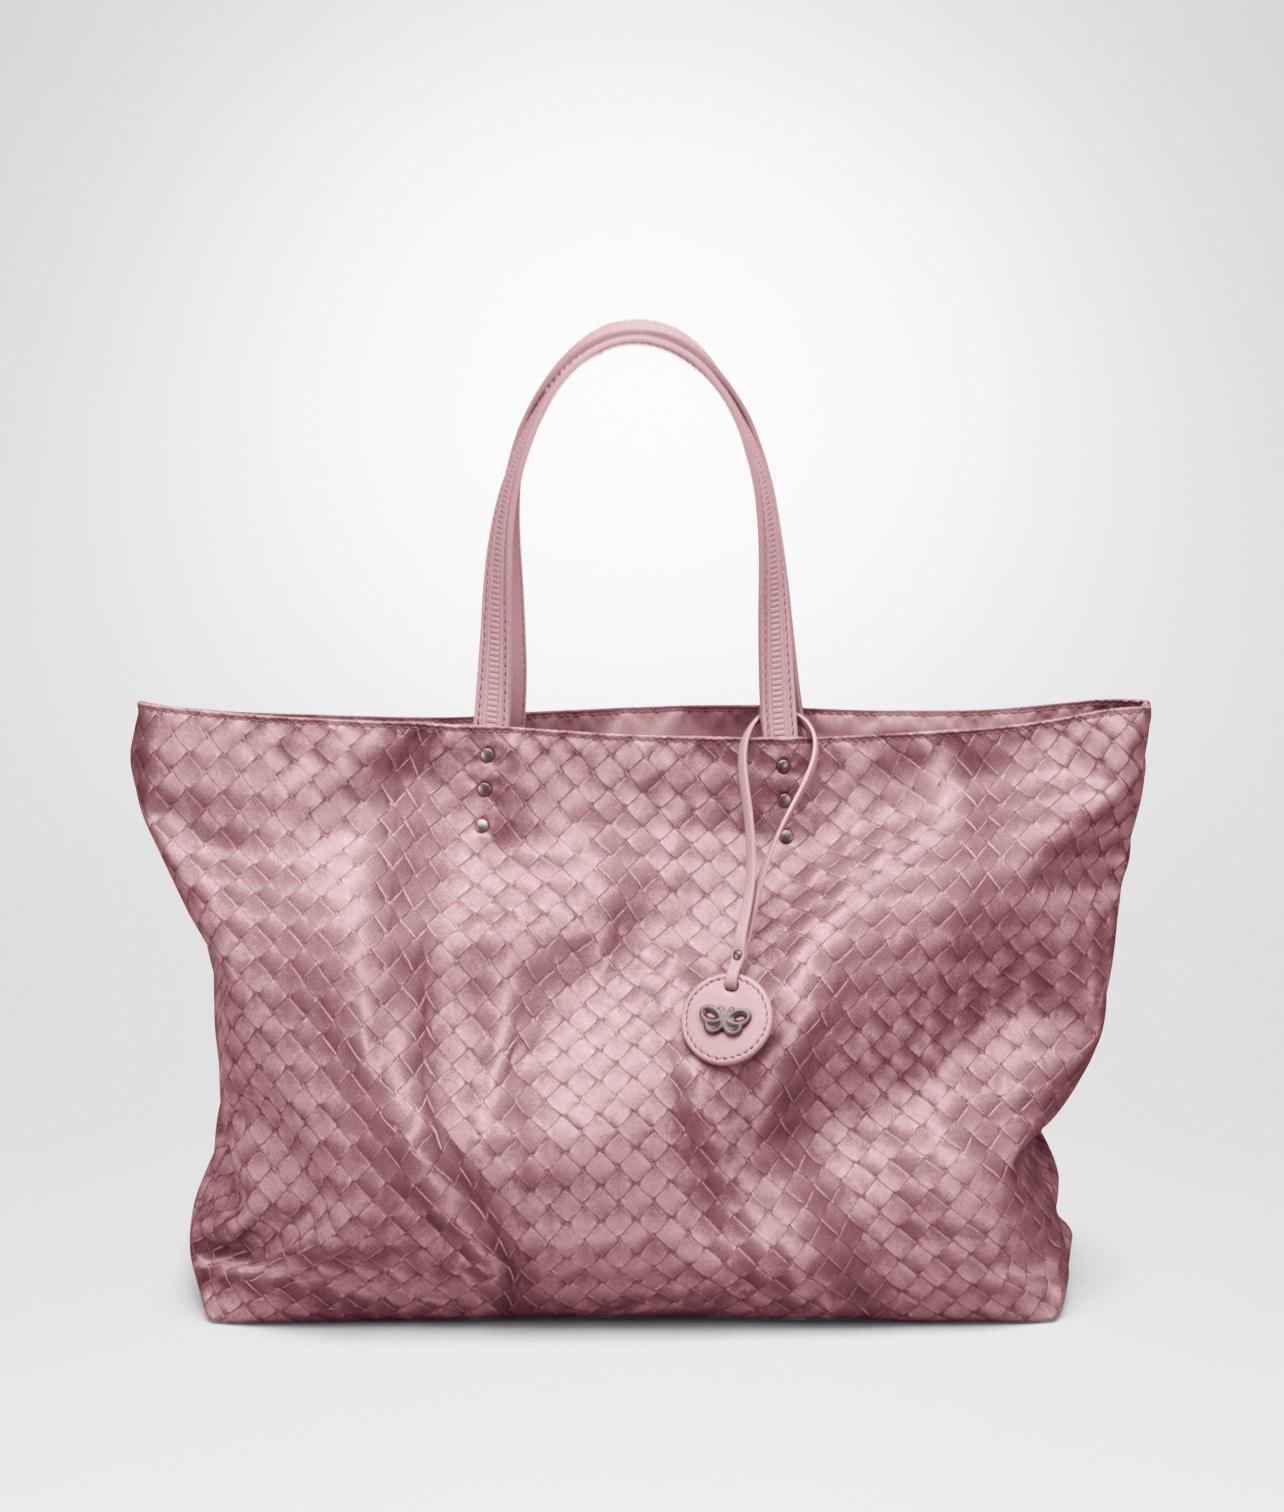 Bottega Veneta Intrecciolusion Tote Bag Reference Guide  032881185f367